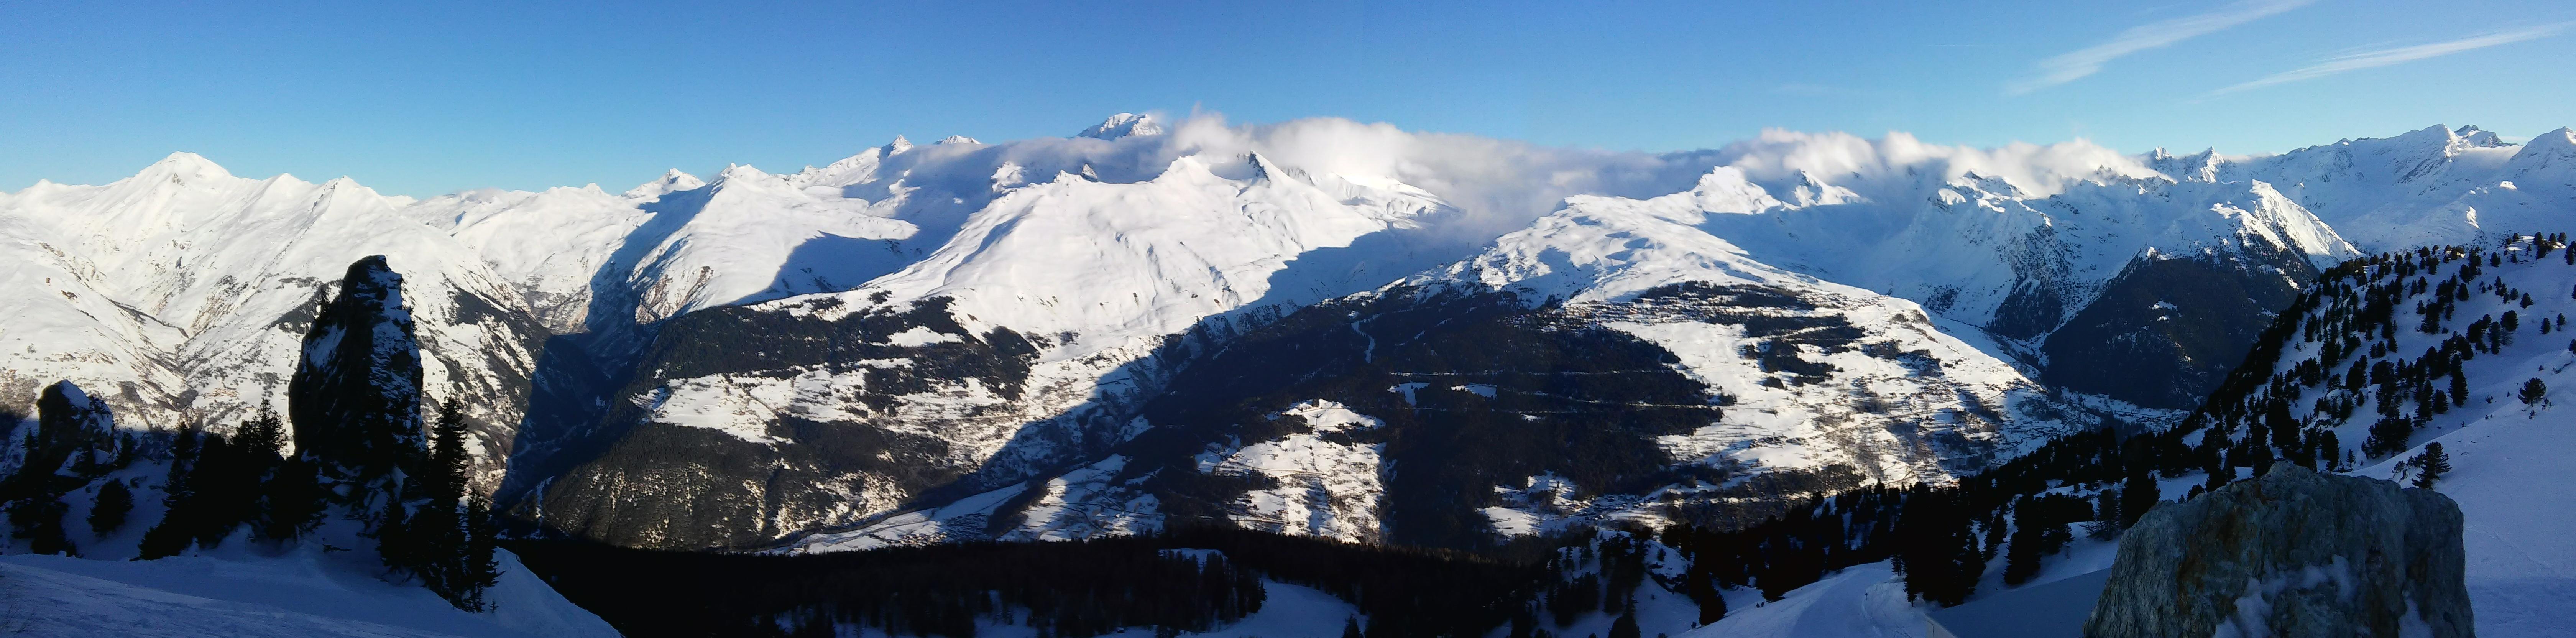 Ecombelles - Panorama sur La Rosière et le Mont Blanc